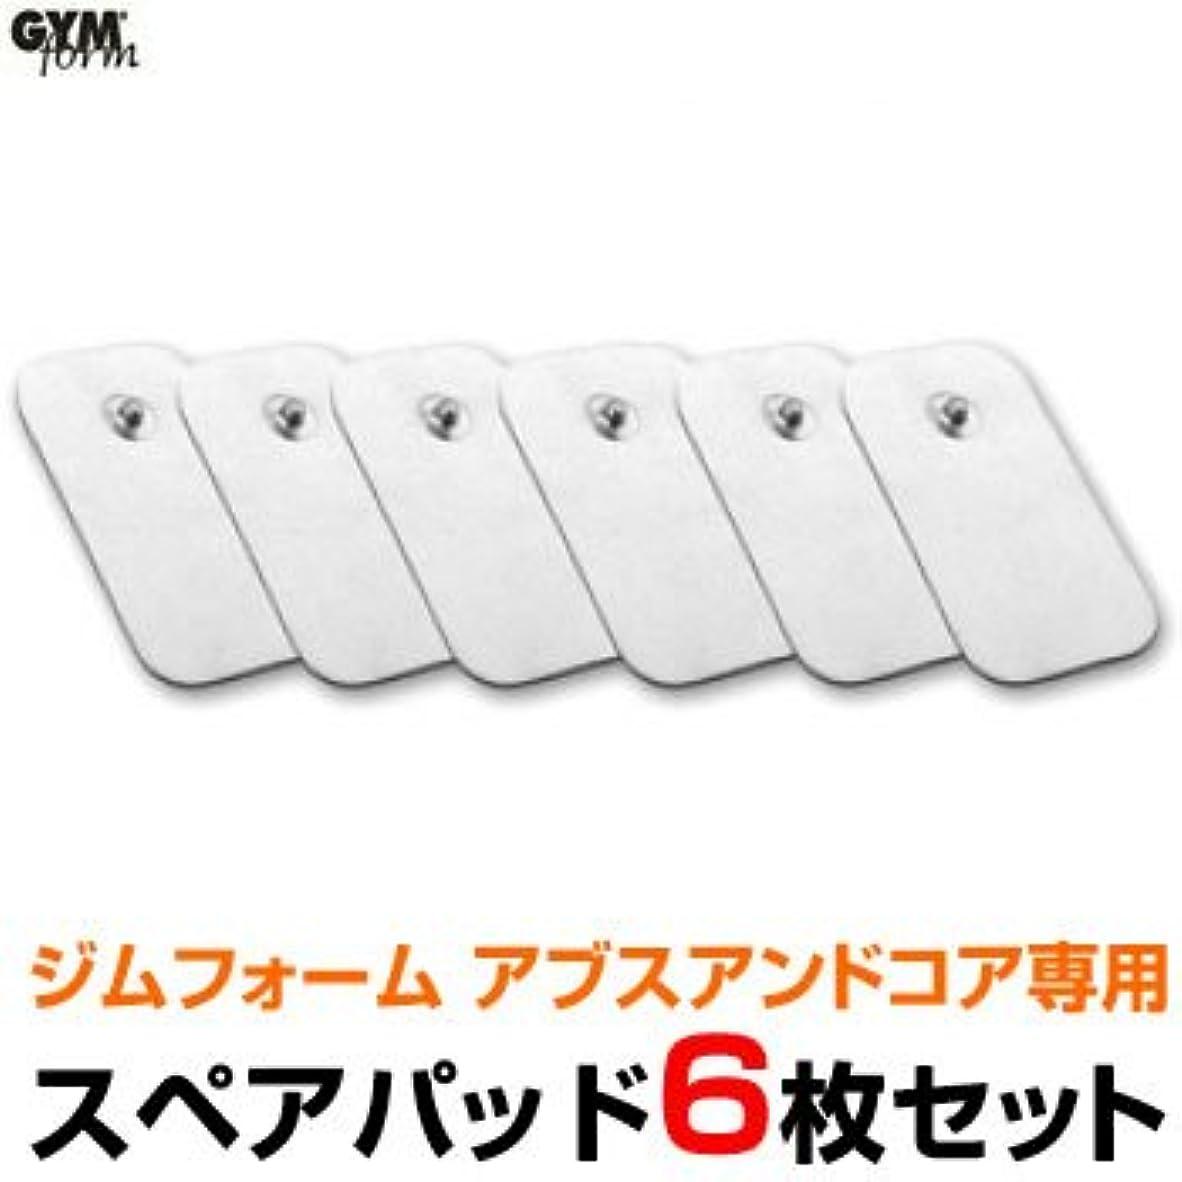 騒乱退院舌なジムフォーム アブス&コア専用スペアパッド(GYMform ABS&CORE)6枚セット